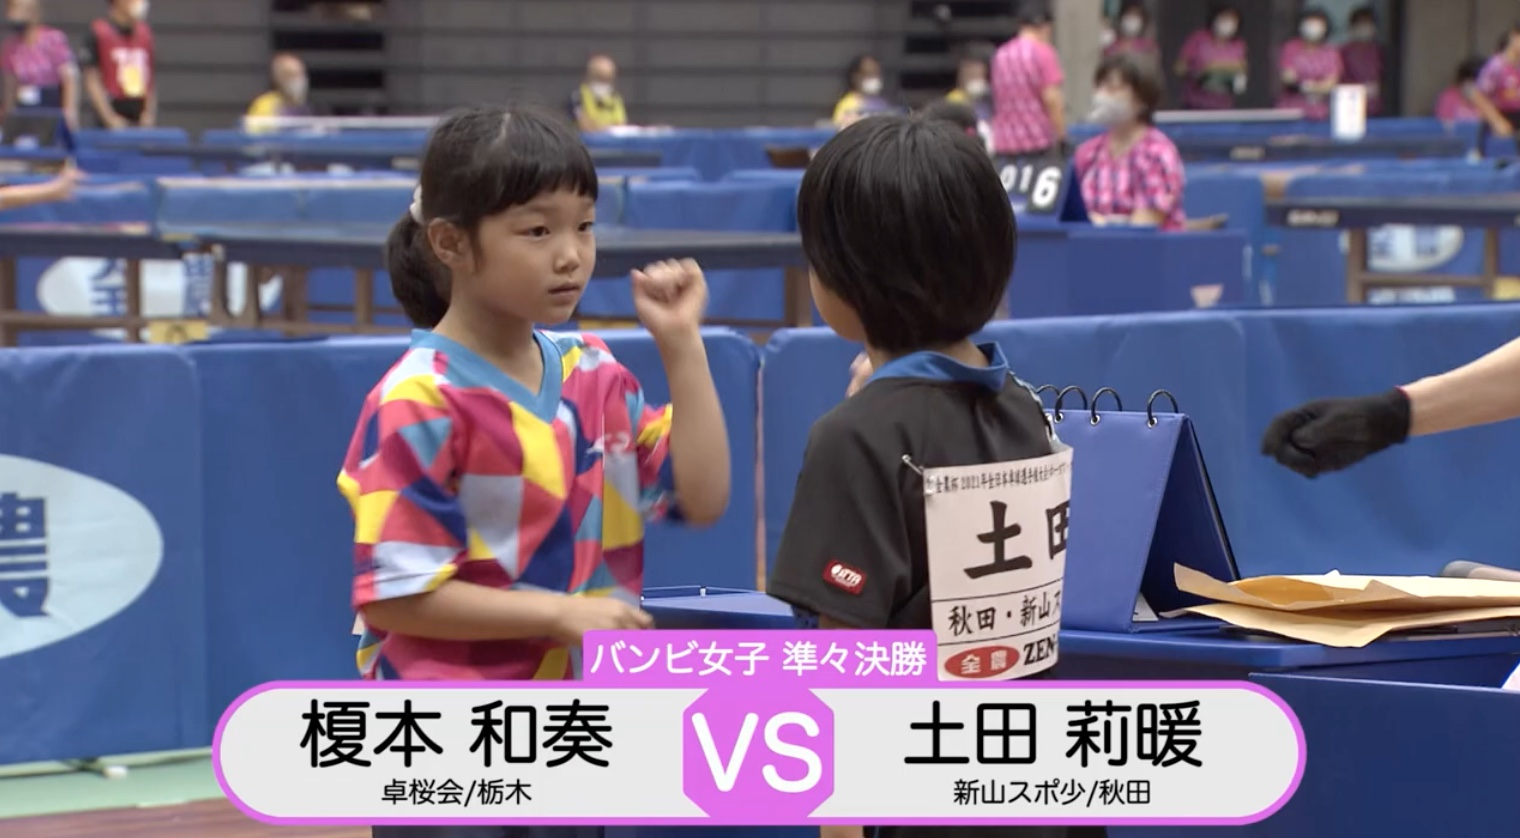 【全農杯2021】バンビ女子準々決勝|榎本和奏 vs 土田莉暖